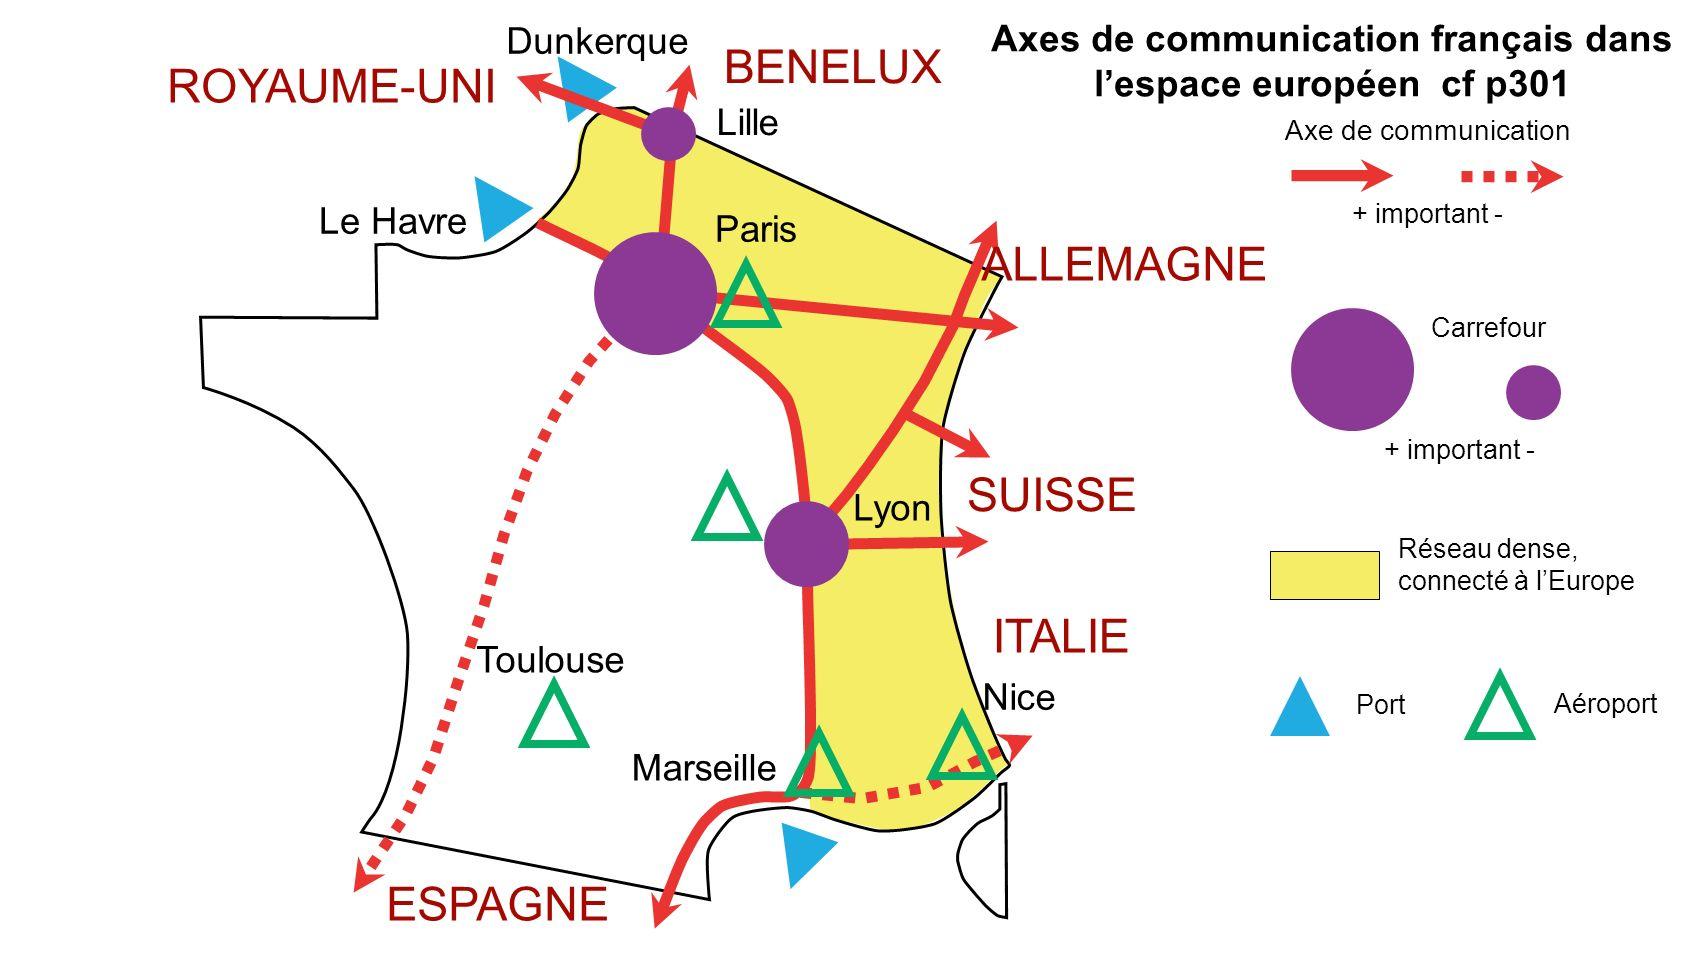 Axes de communication français dans l'espace européen cf p301